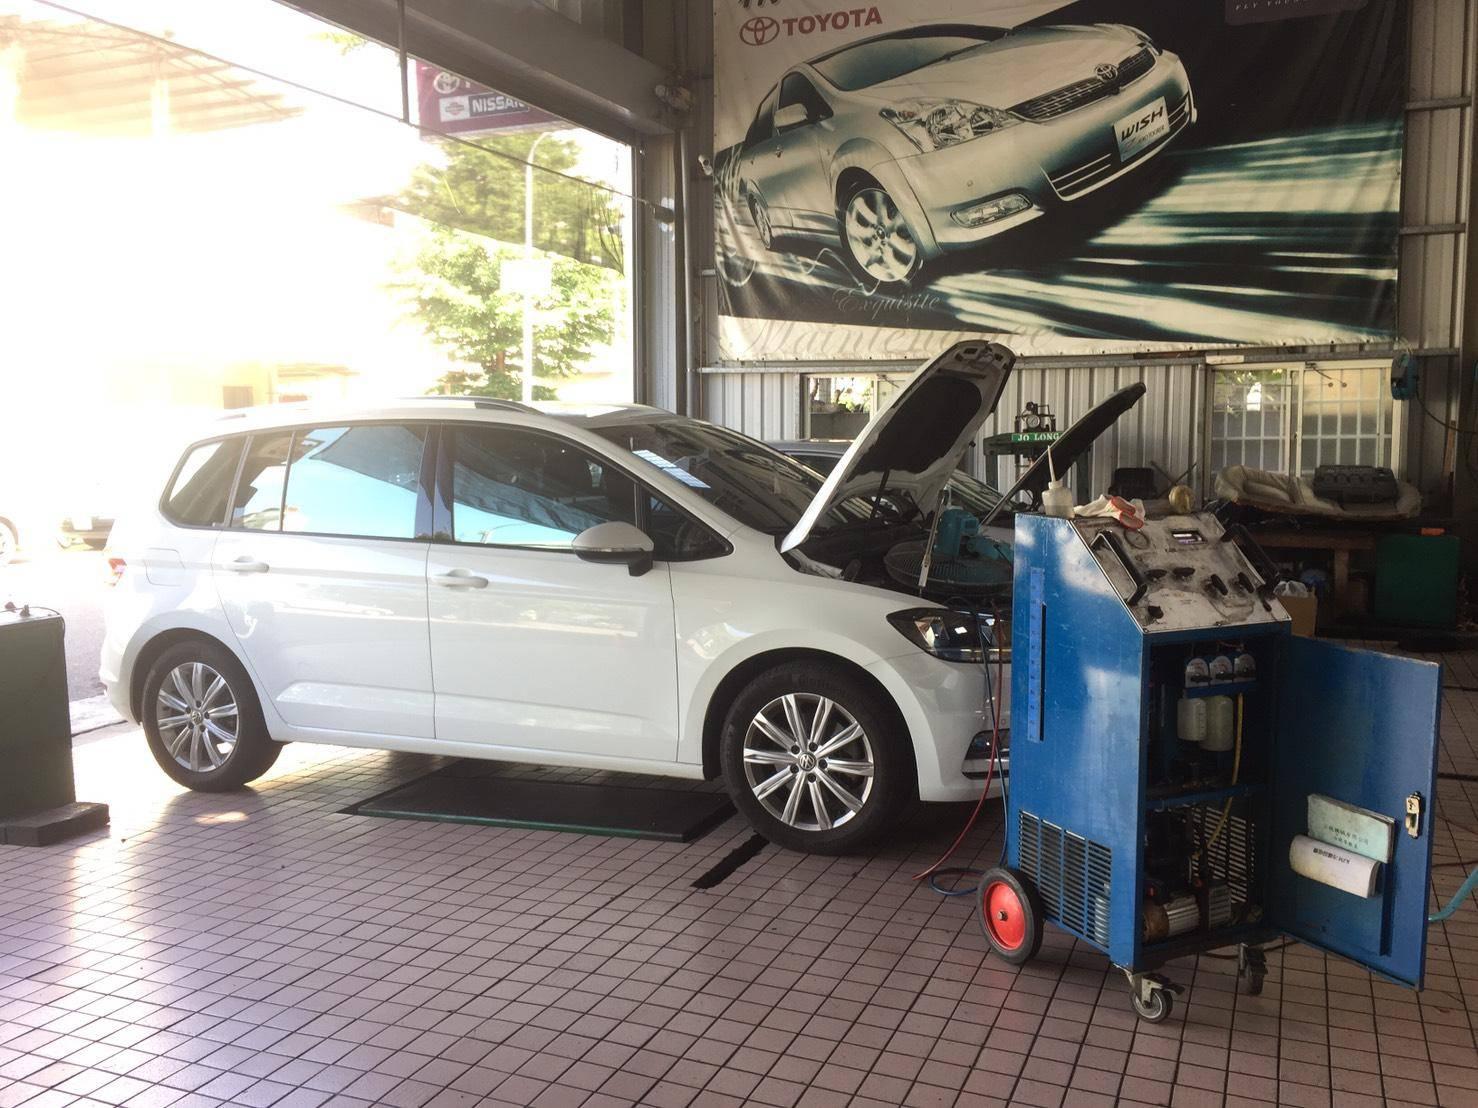 【賽特汽車】福斯/VW TOURAN 280TDI 氫氣洗積碳#氫氧除碳#積碳解決#柴油車